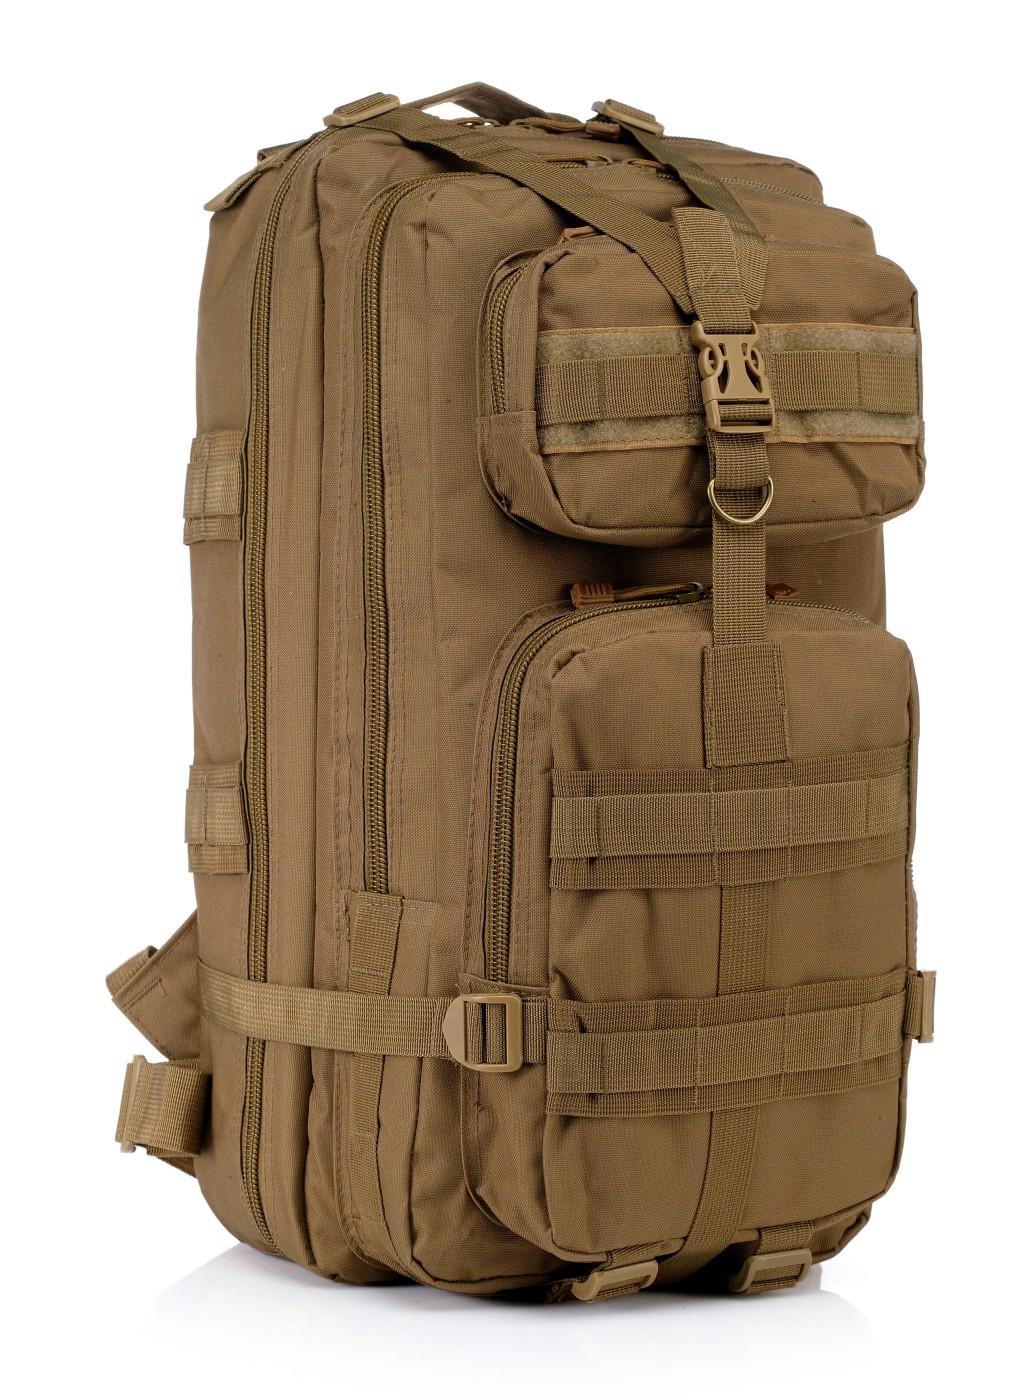 Классный рюкзак для пешего похода - купить по выгодной цене